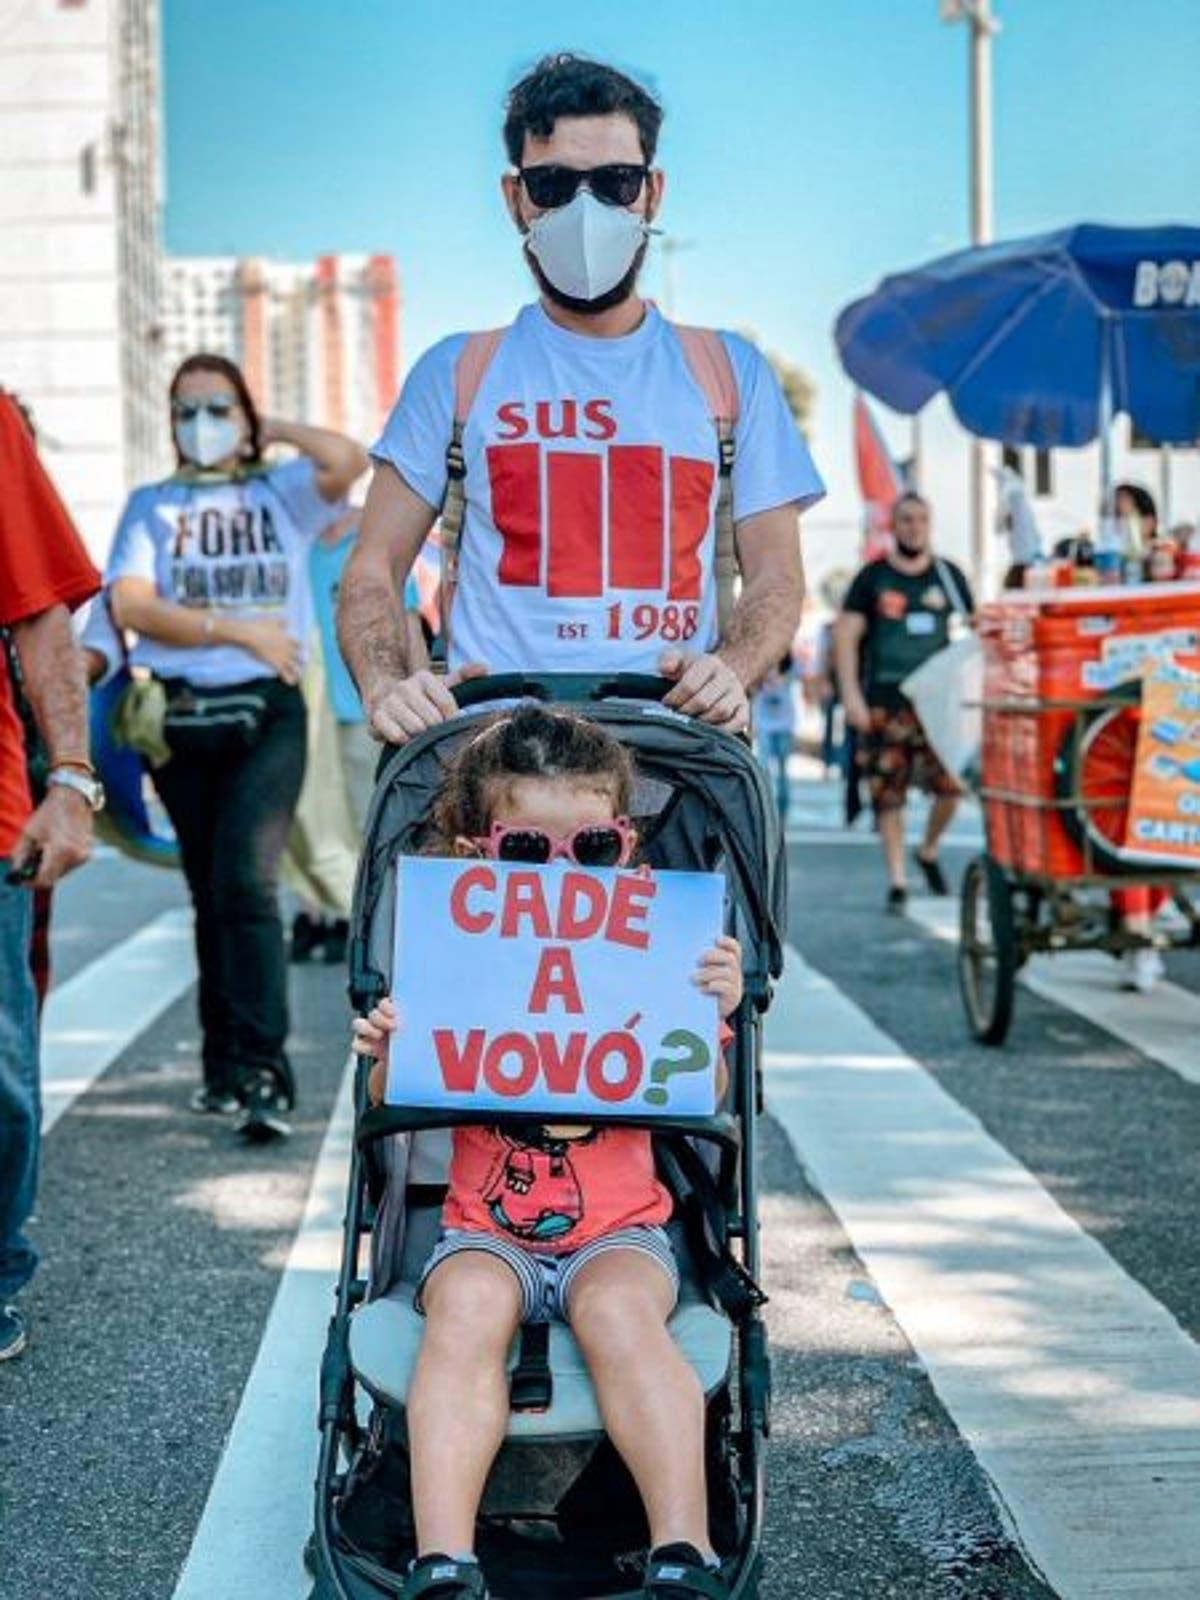 A imagem mostra uma menina pequena no carrinho de bebê segurando um cartaz onde se lê